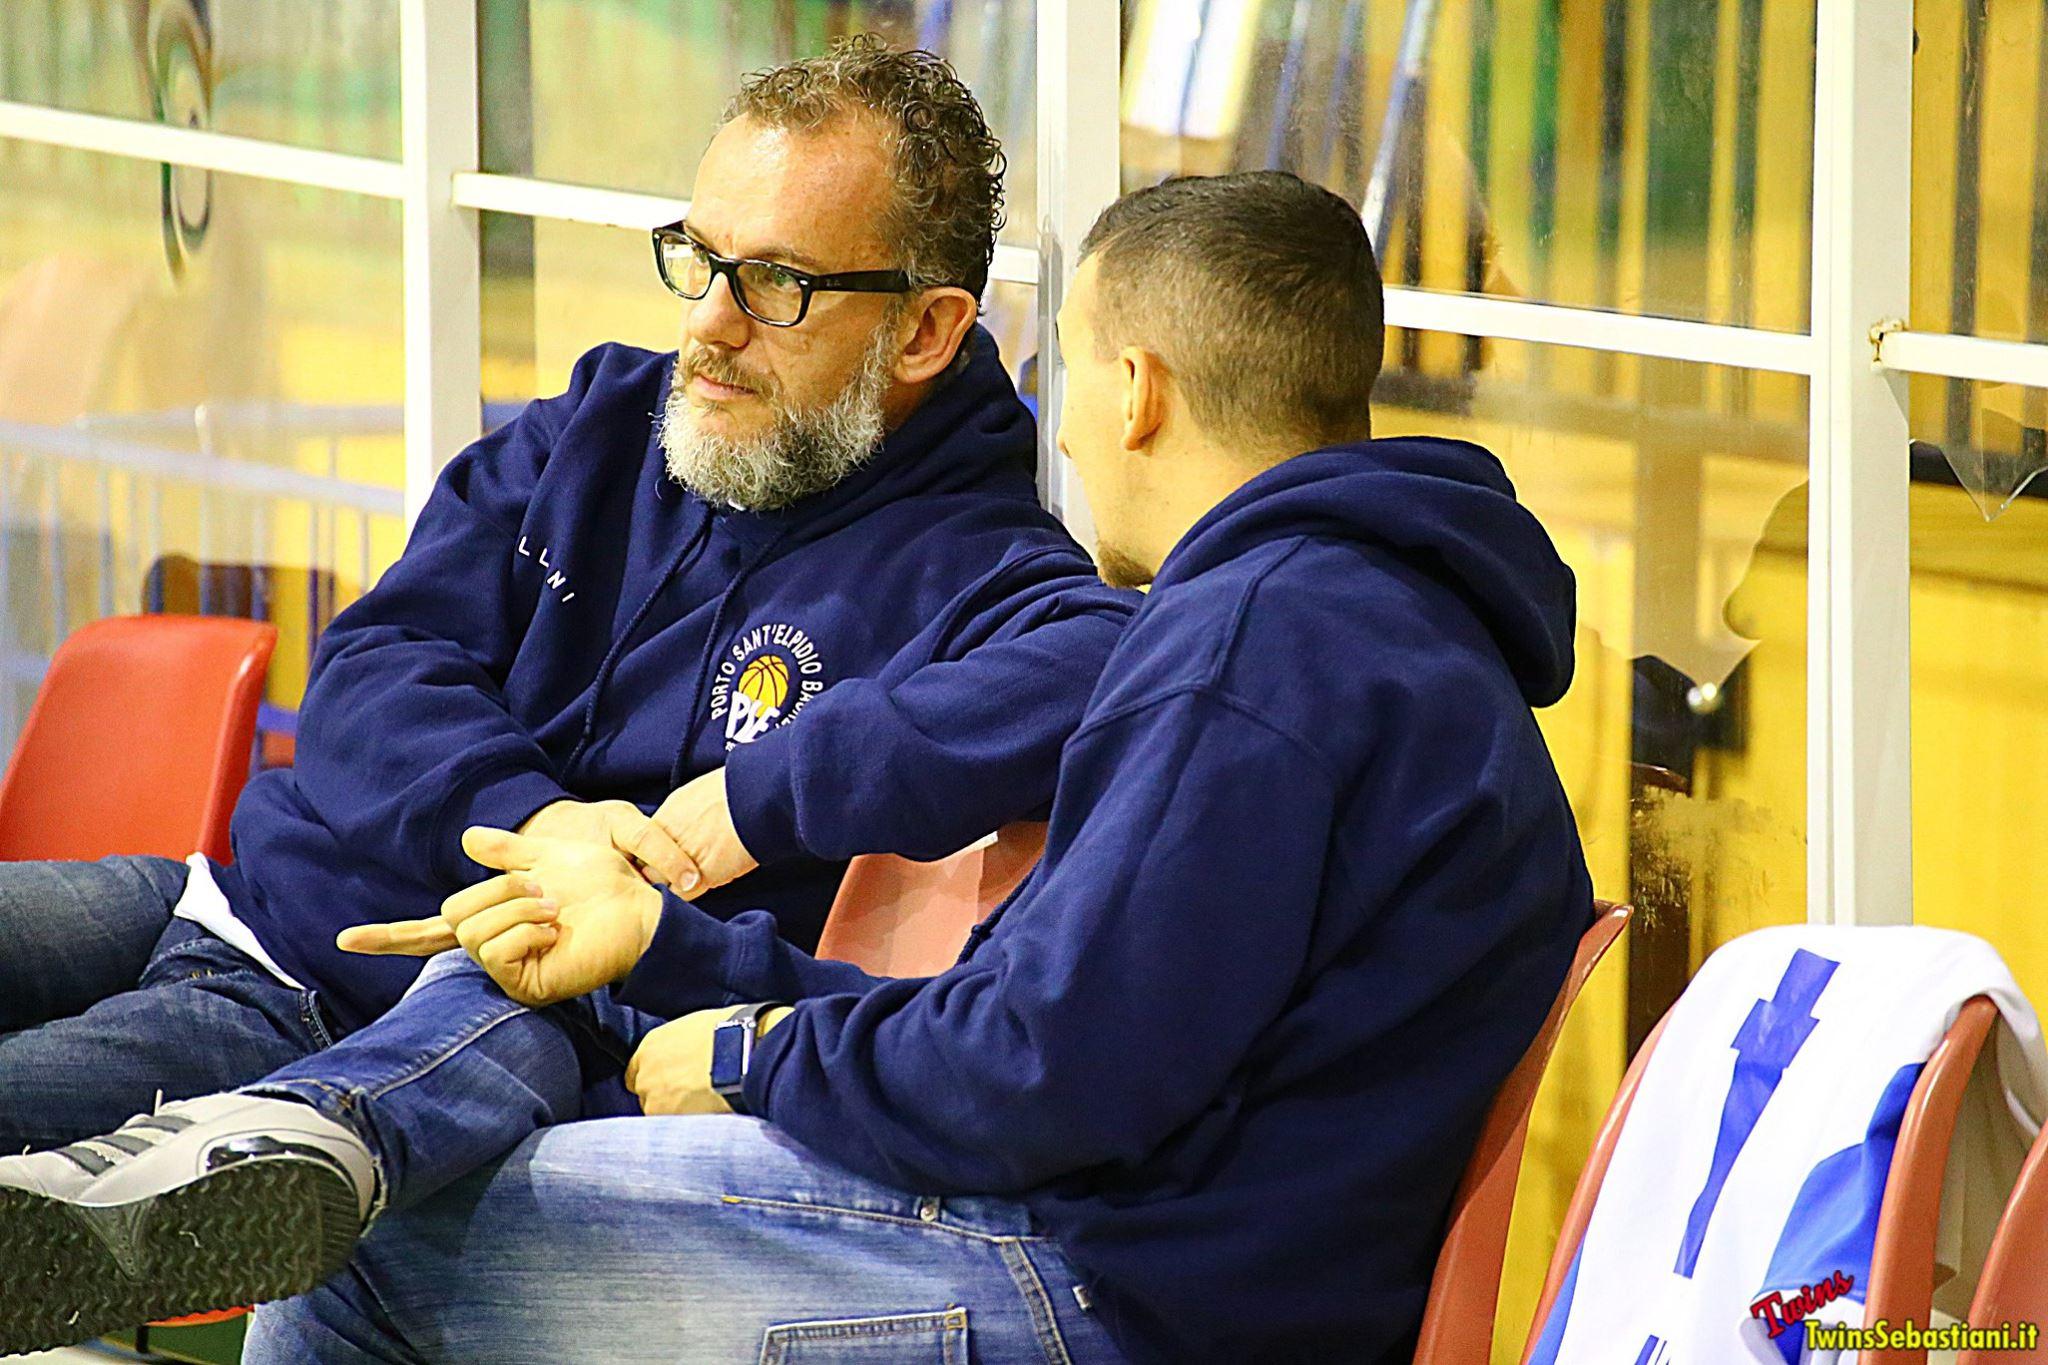 """Malloni P.S.Elpidio, coach Domizioli: """"Tornare coi piedi per terra"""""""